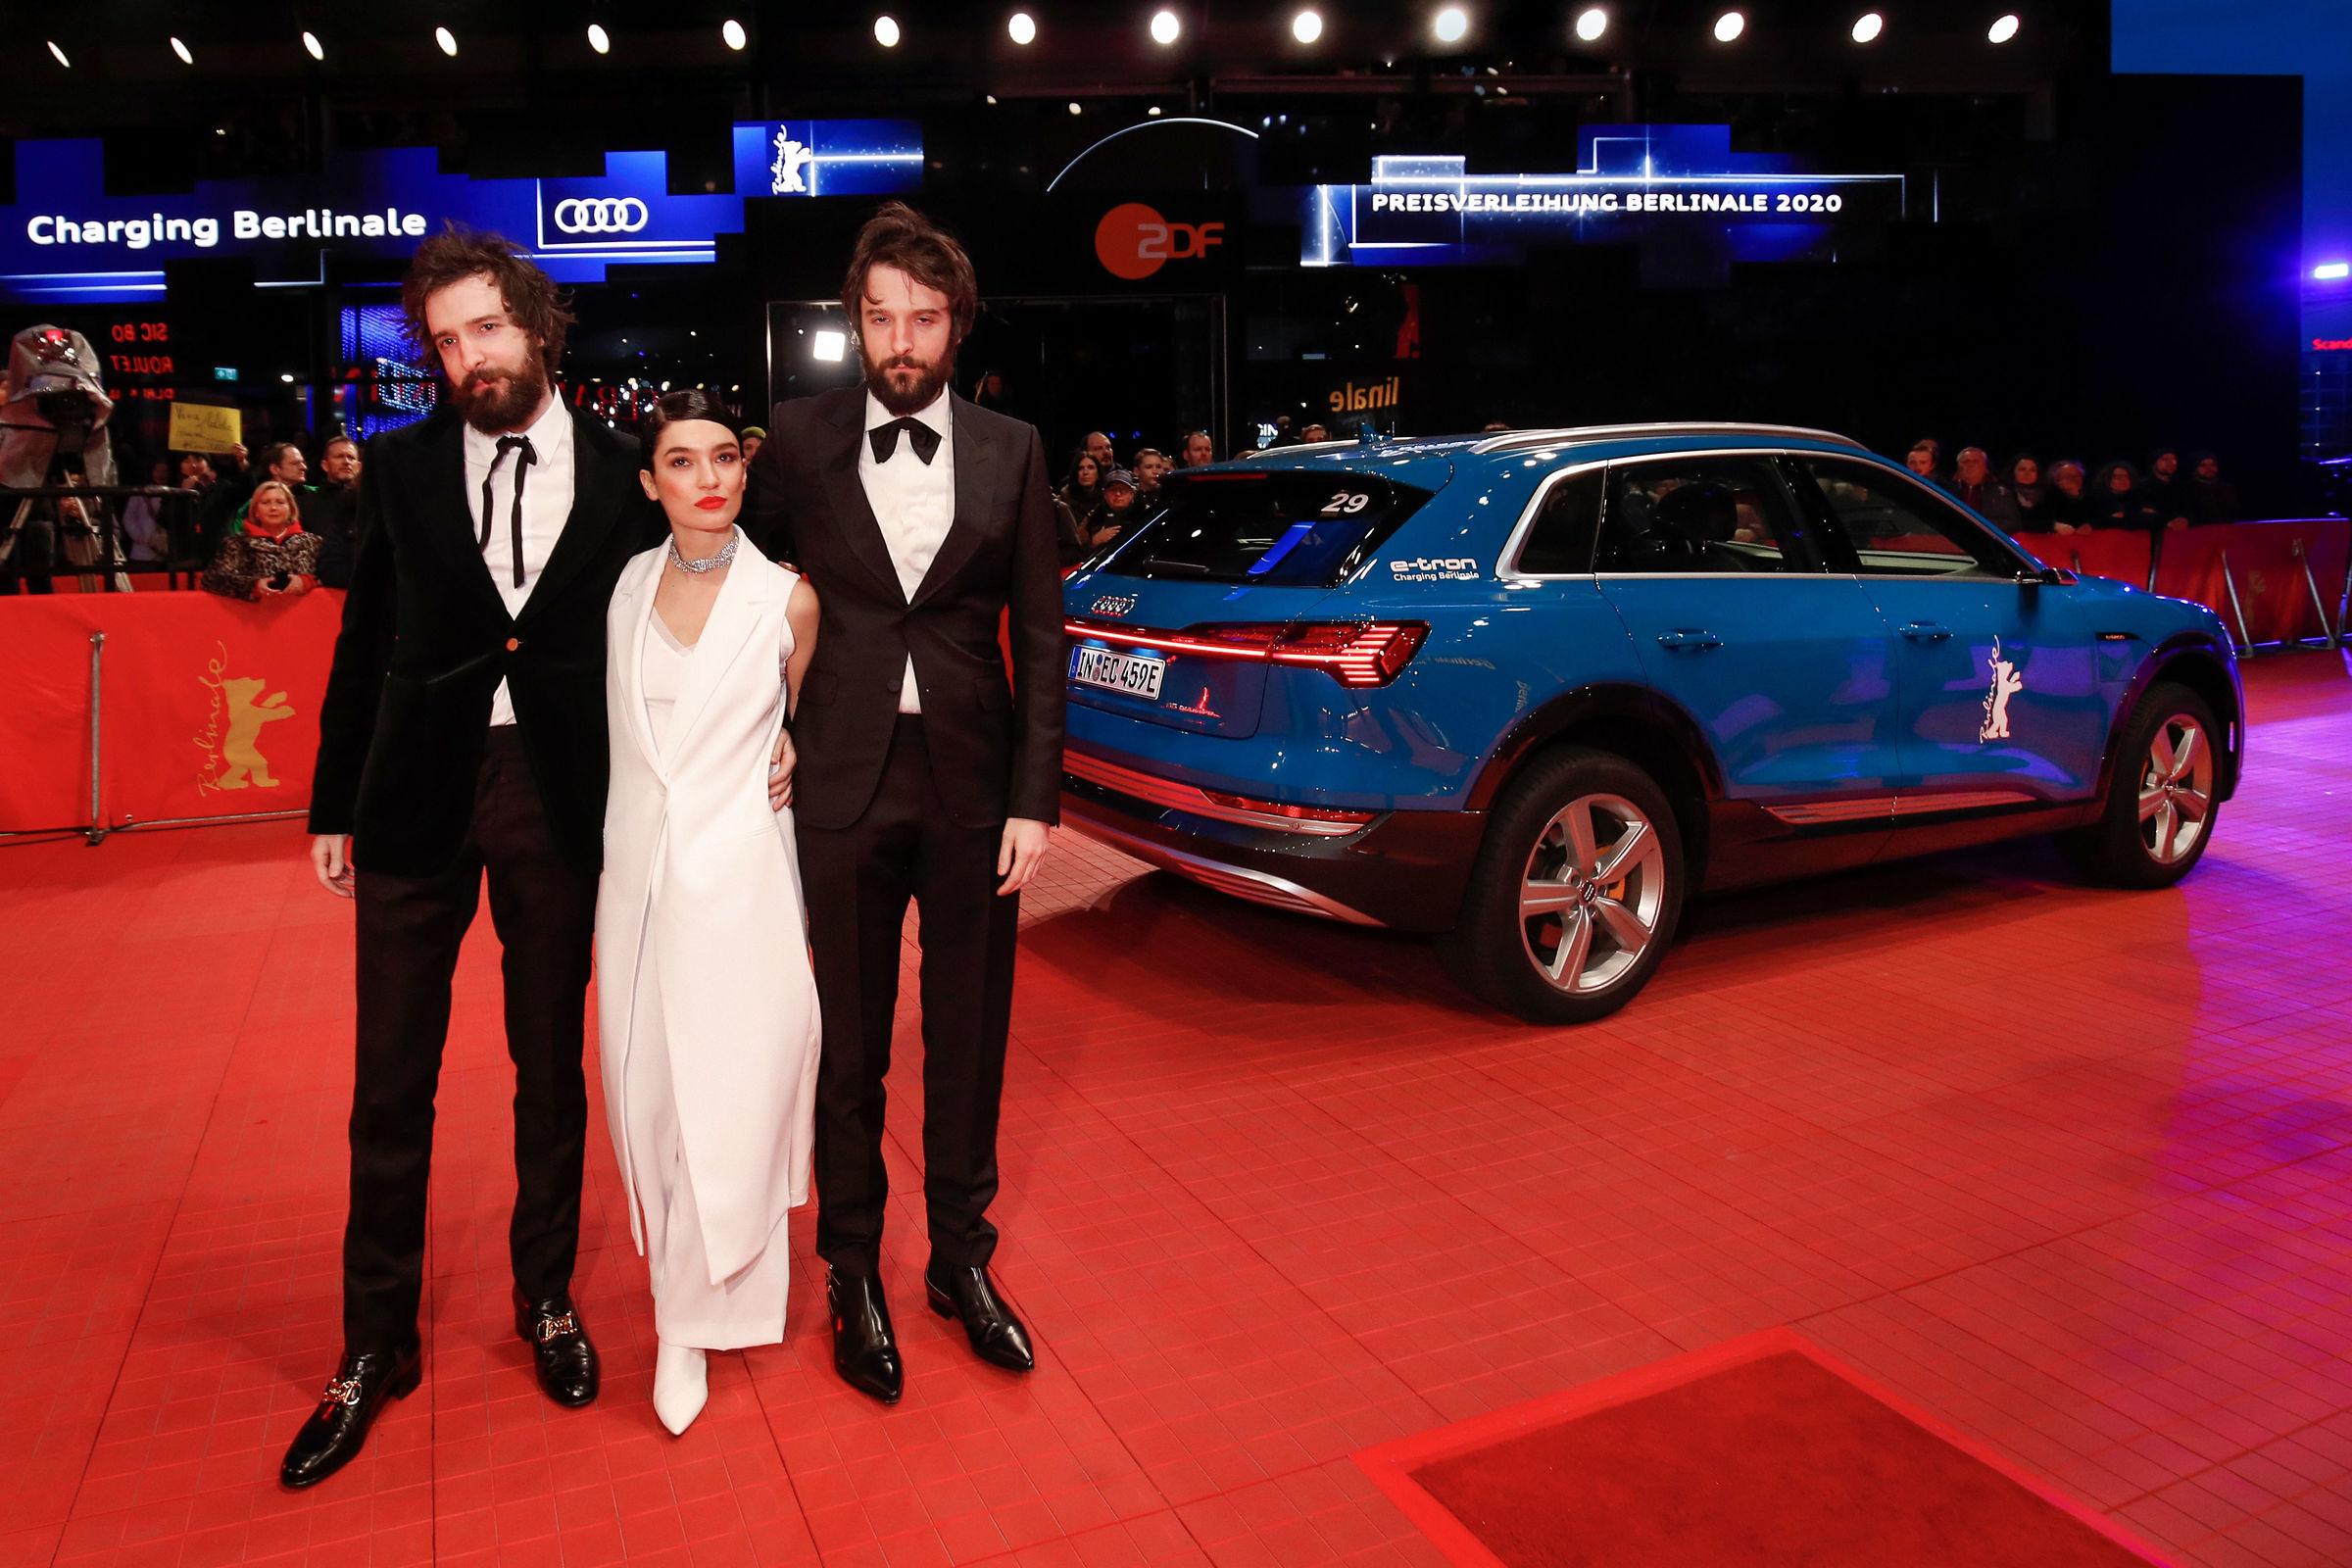 """Audi Short Film Award for """"Genius Loci"""" - Image 1"""